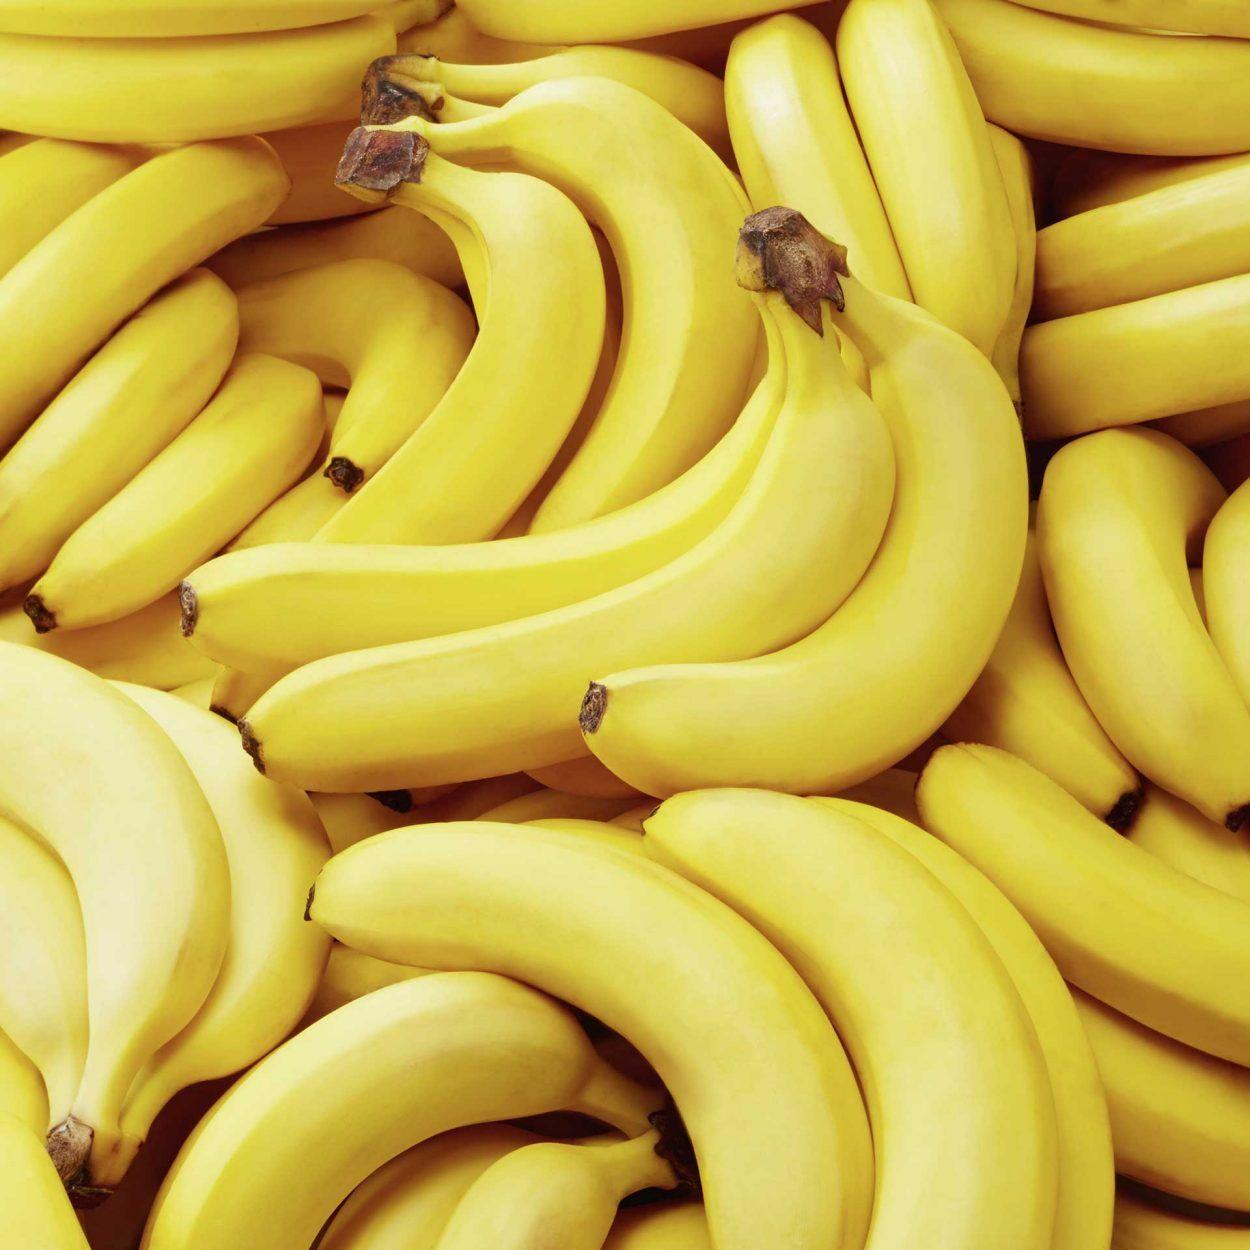 Bananes Cavendish catégorie 1 Origine Colombie ou Équateur (le kilo)